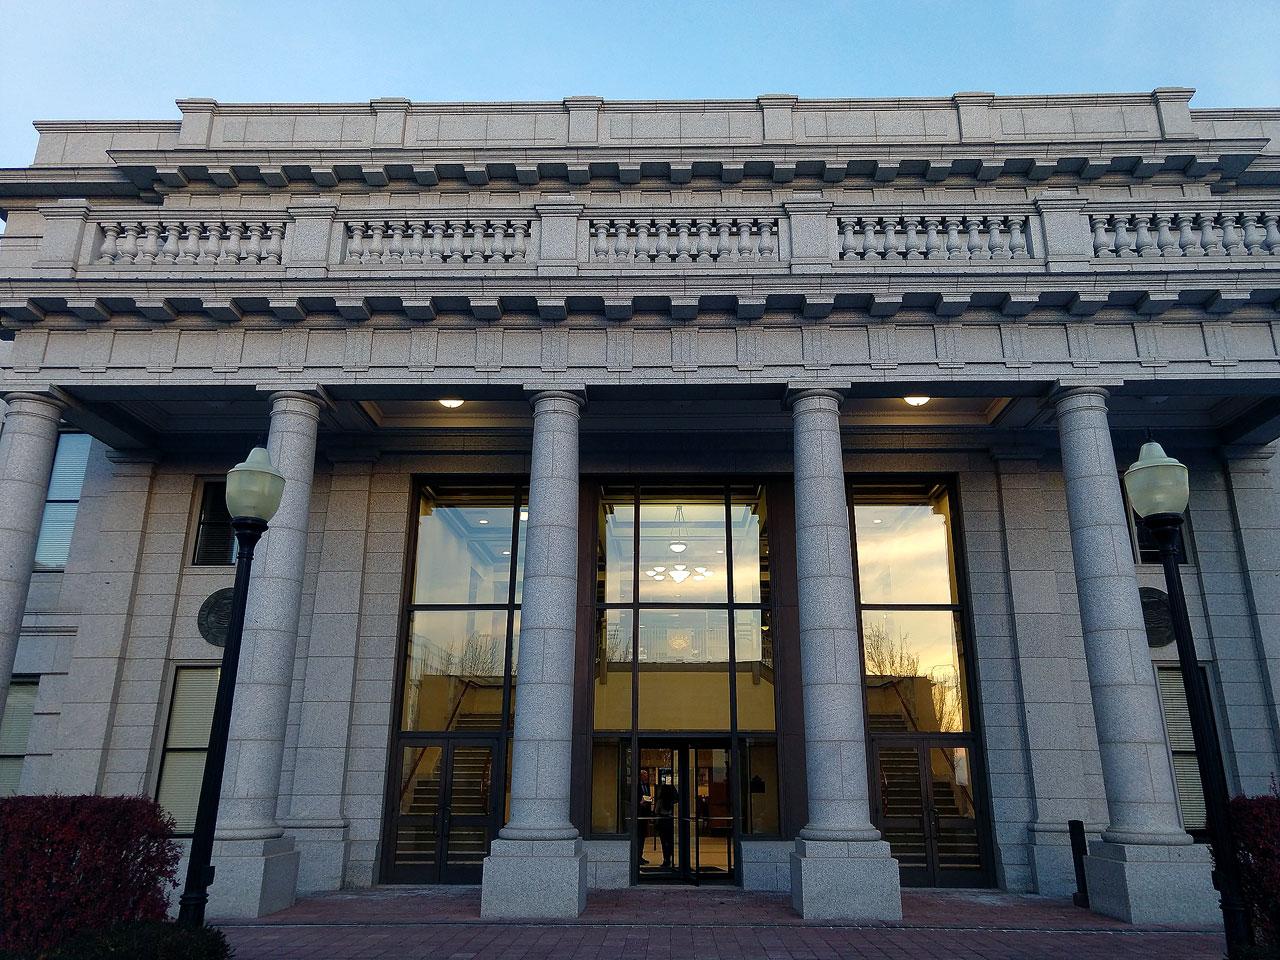 Utah State Capitol wing